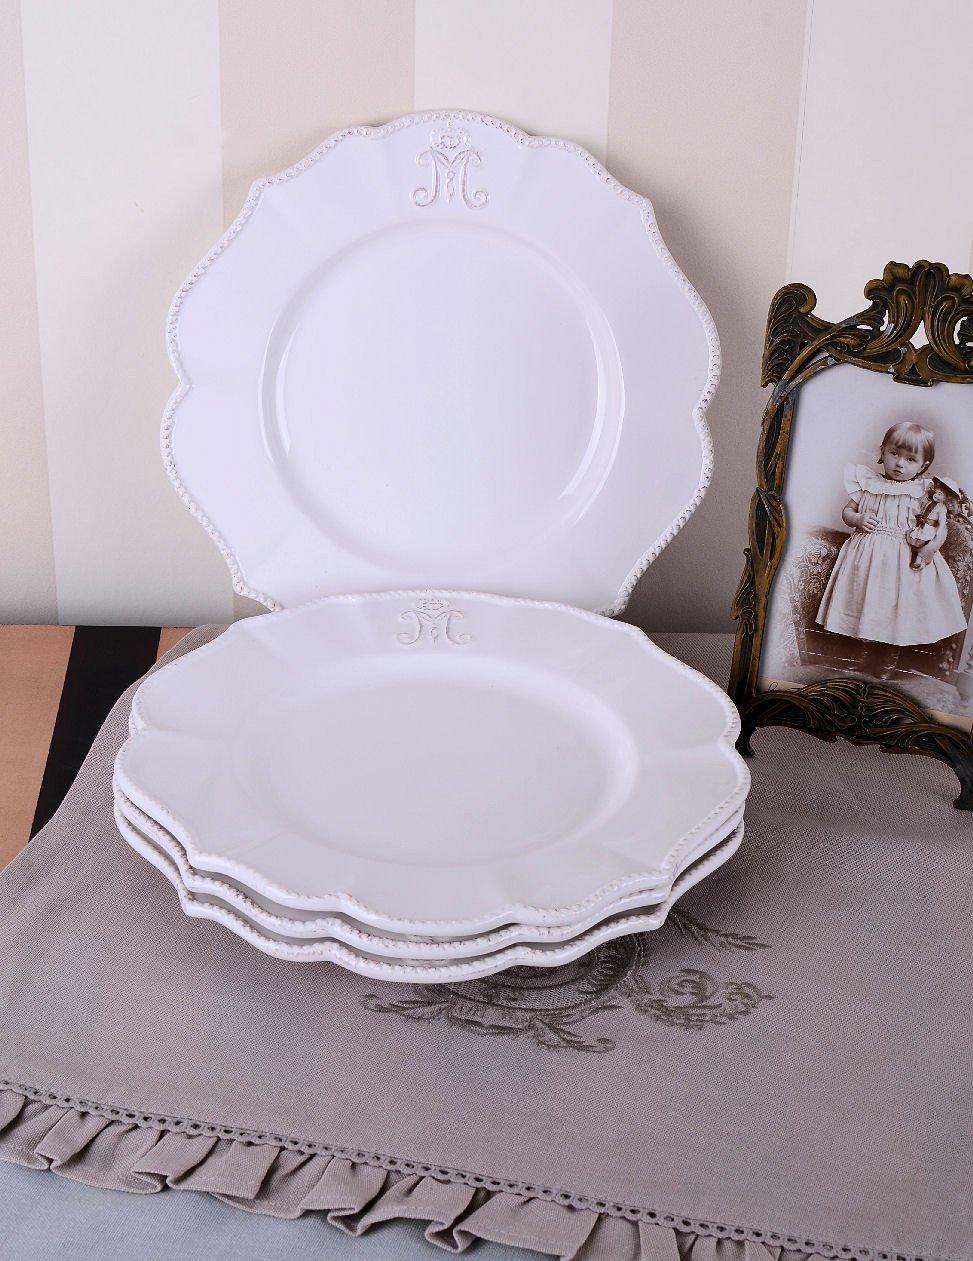 Tafelservice Landhausstil tellerset teller tischset porzellanteller speiseteller in weiß und